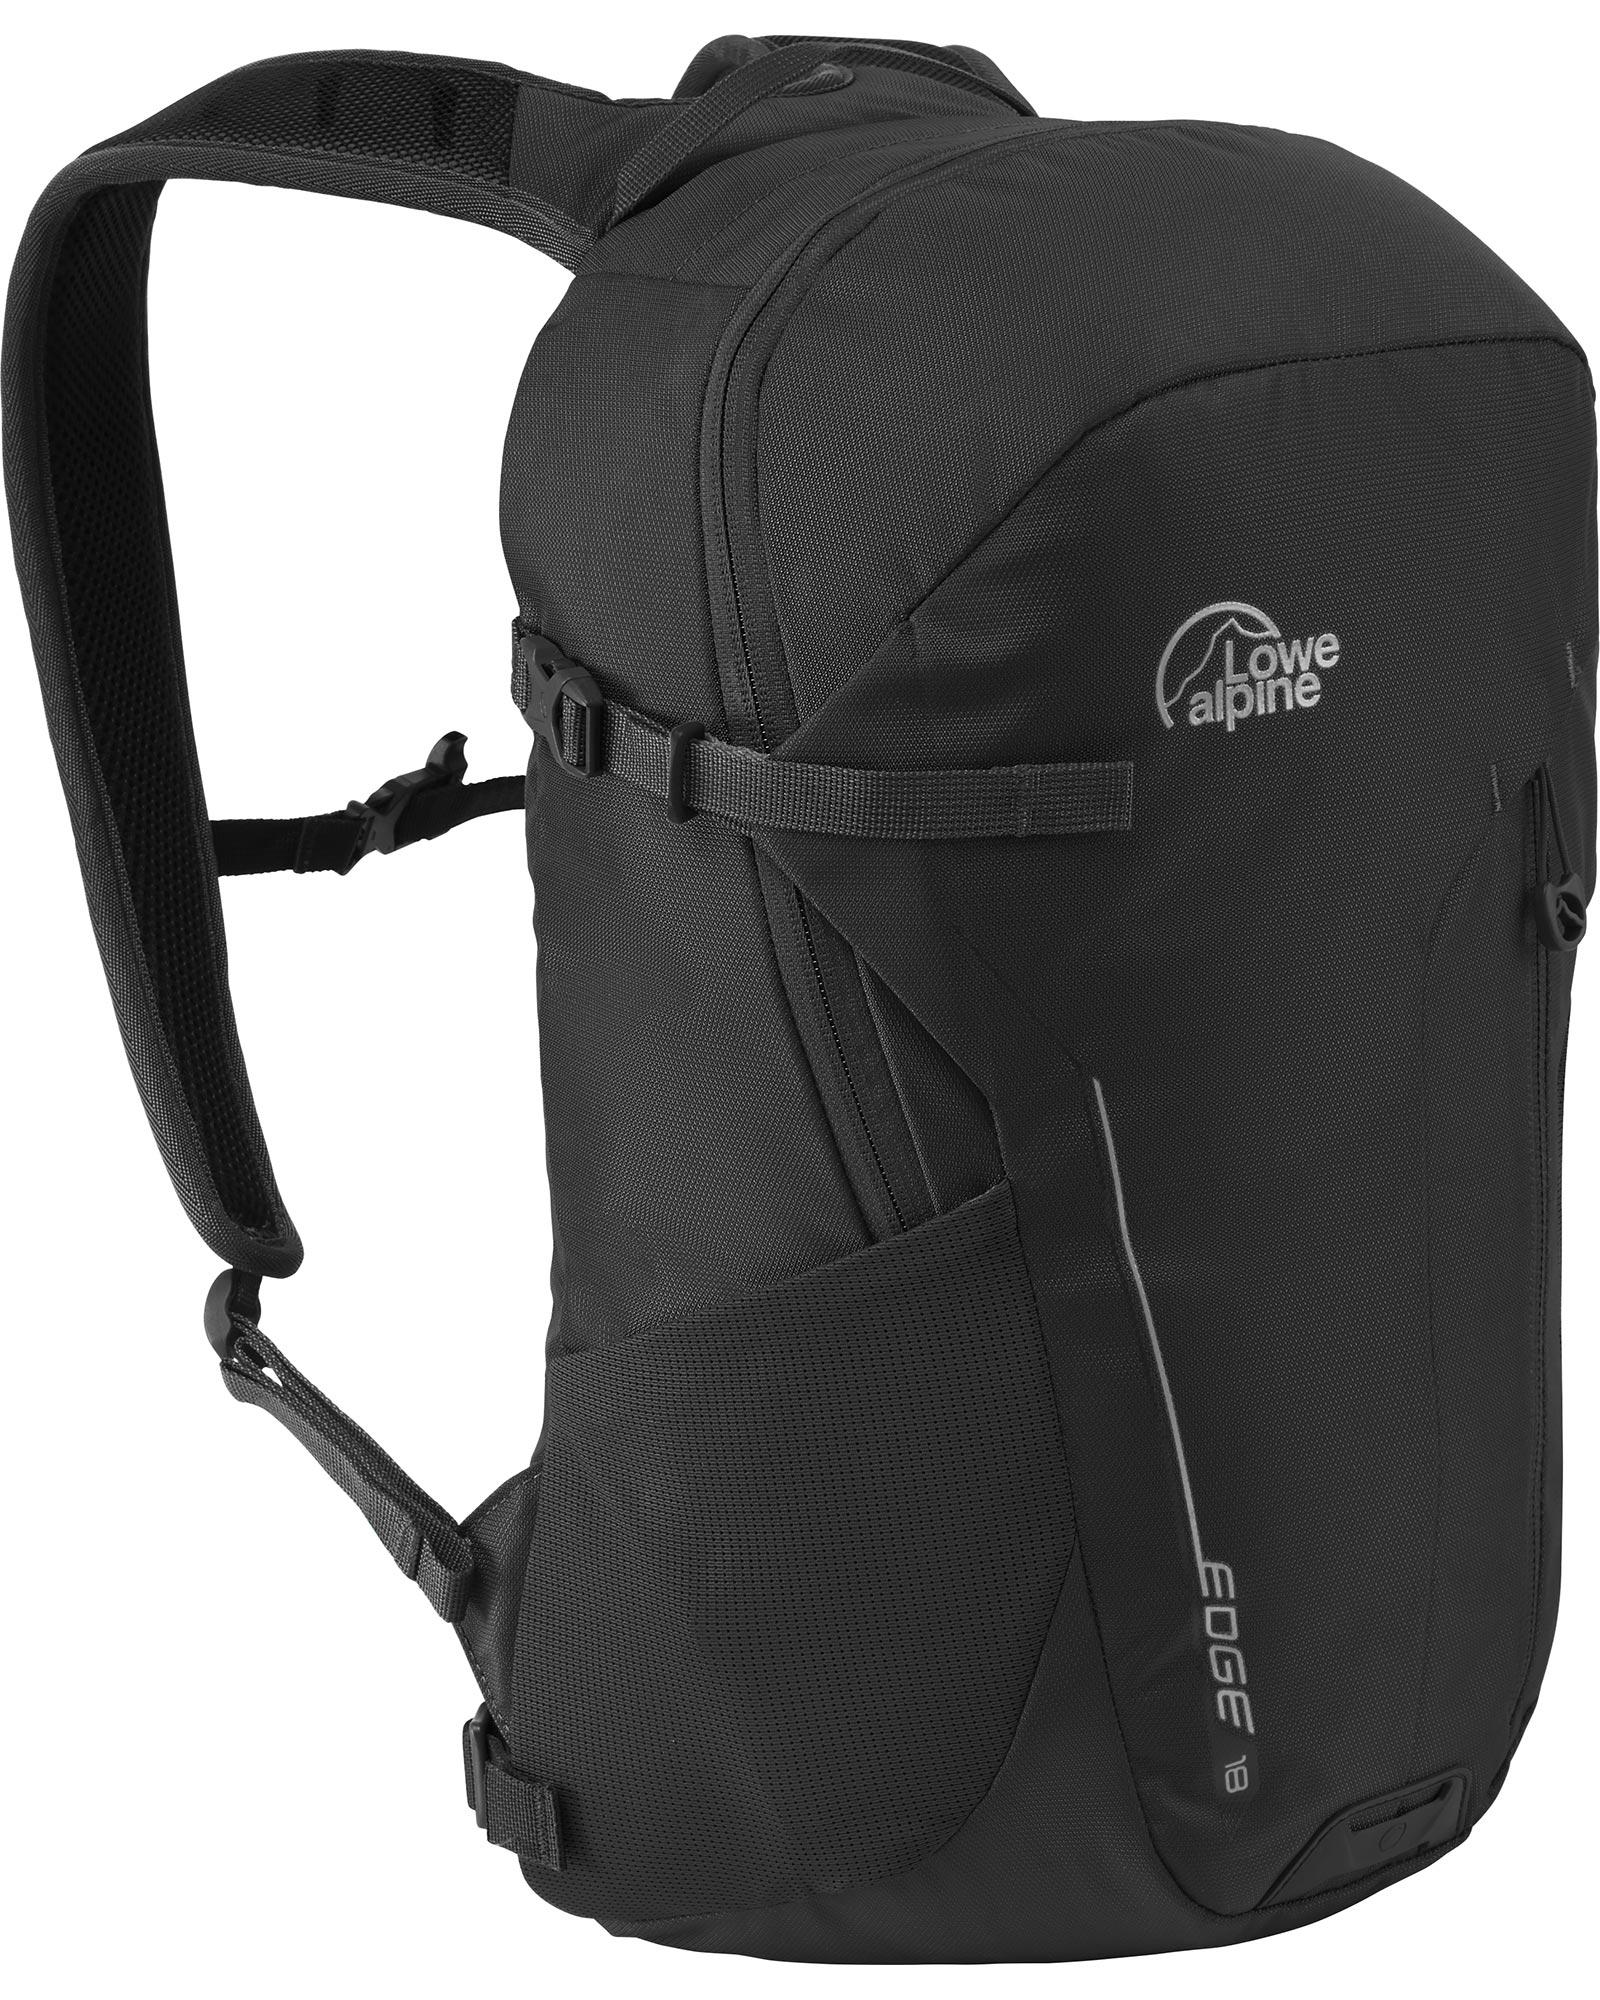 Lowe Alpine Edge II 18 Backpack 0